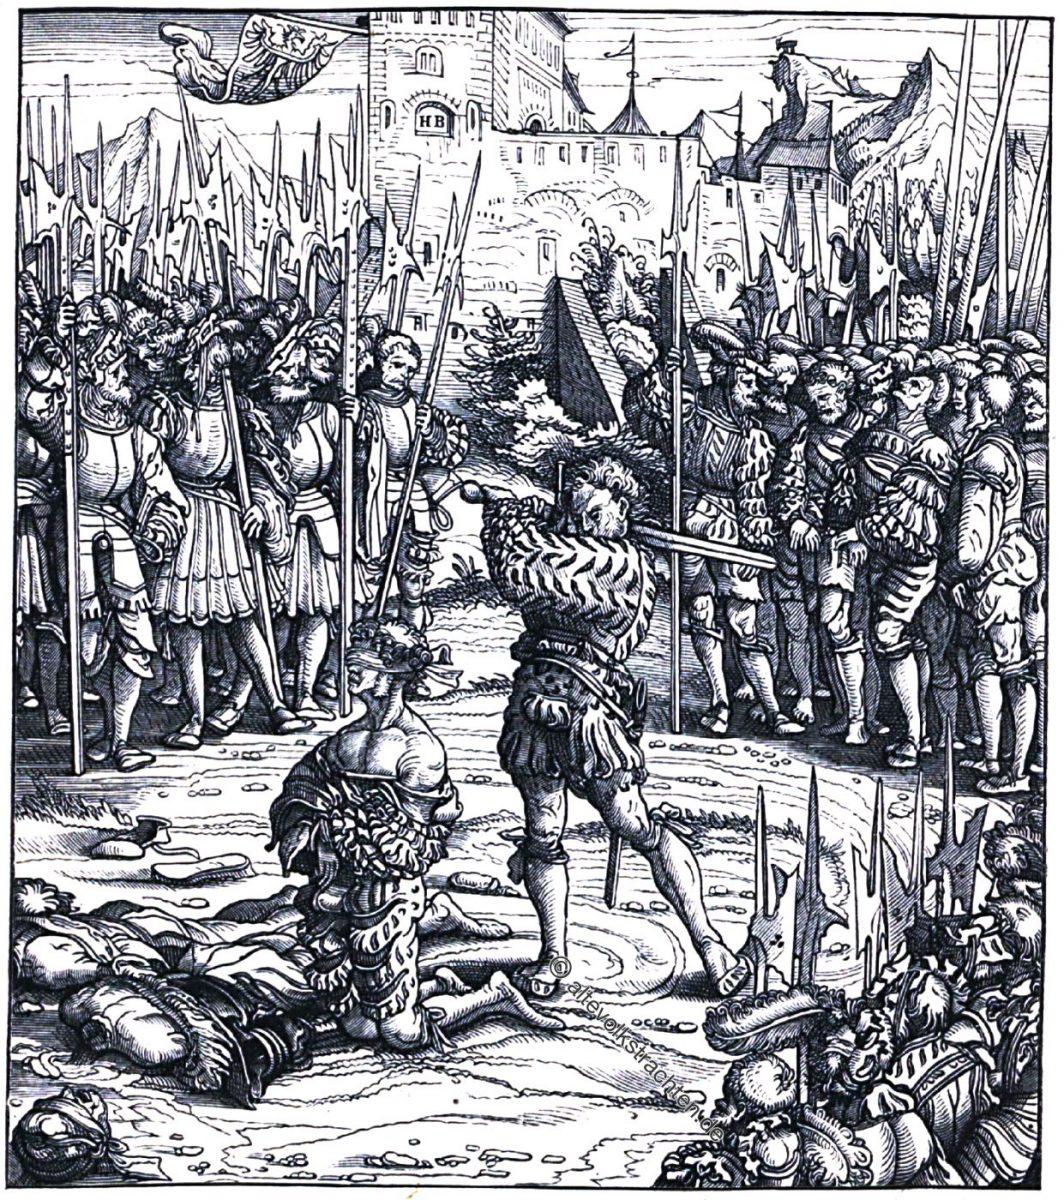 Pienzenau, Landsknechte, Bewaffnung, Soldaten, Renaissance